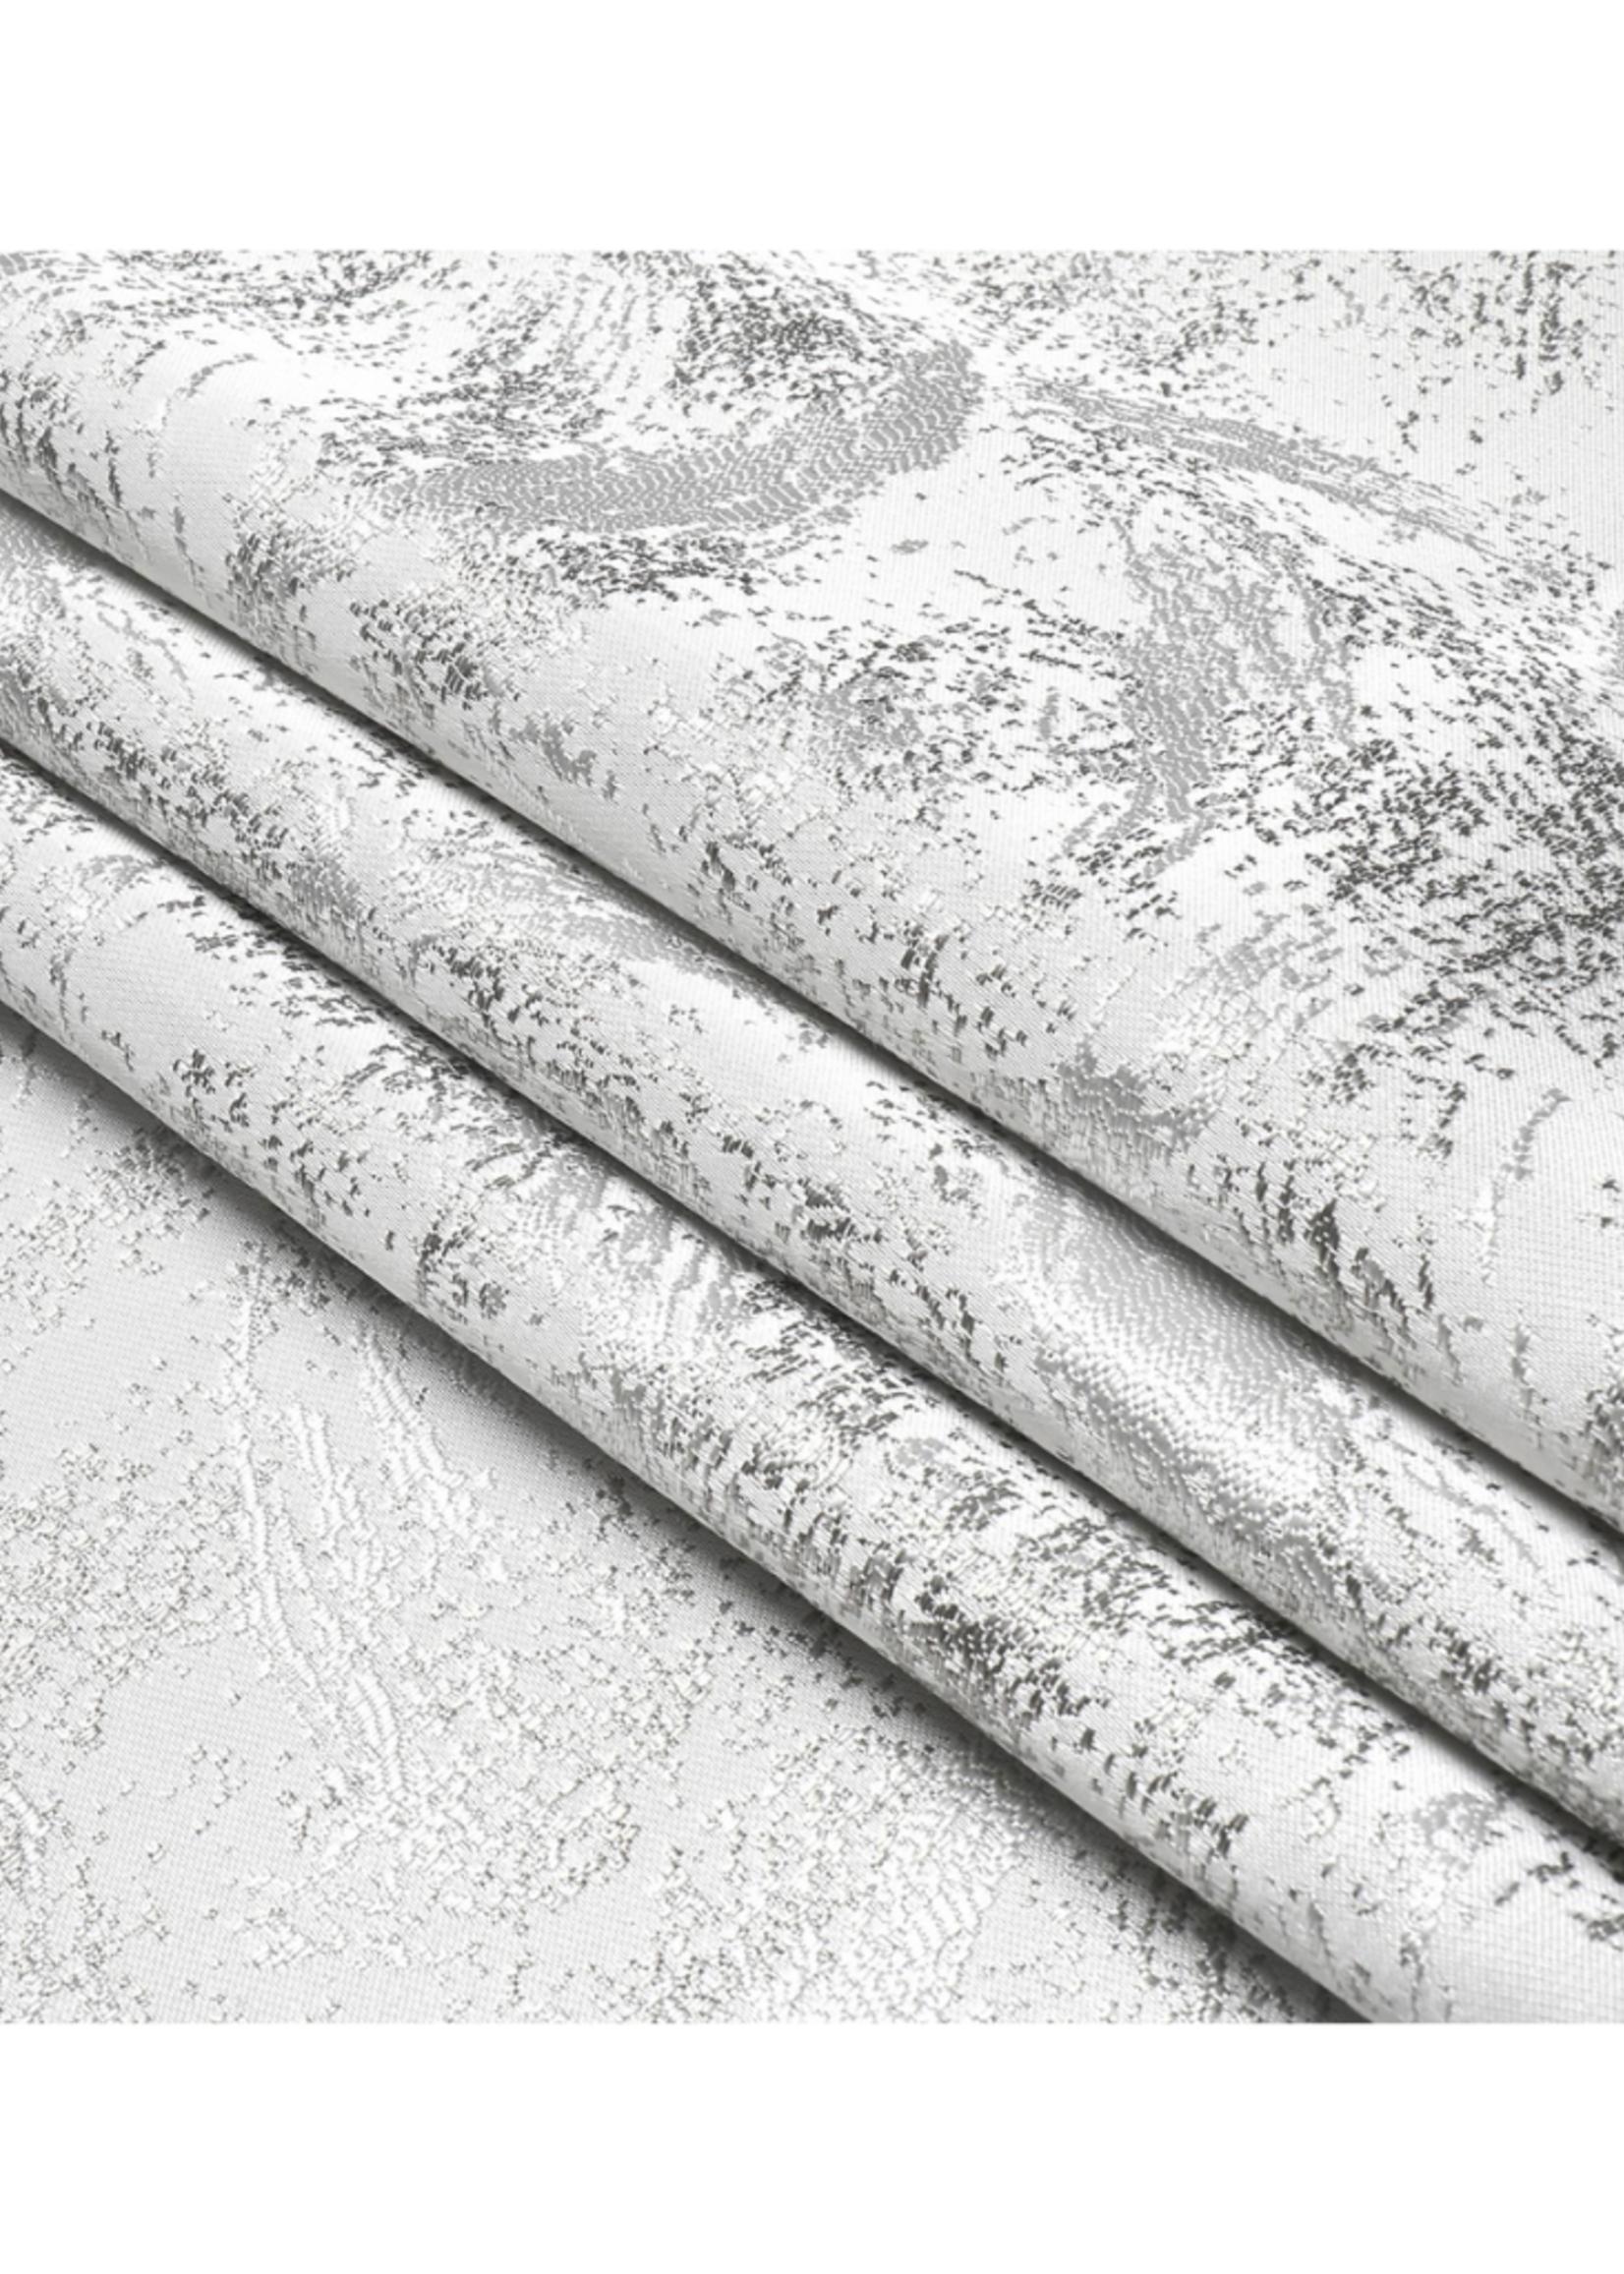 Jacquard Tablecloth // White #1330-70108